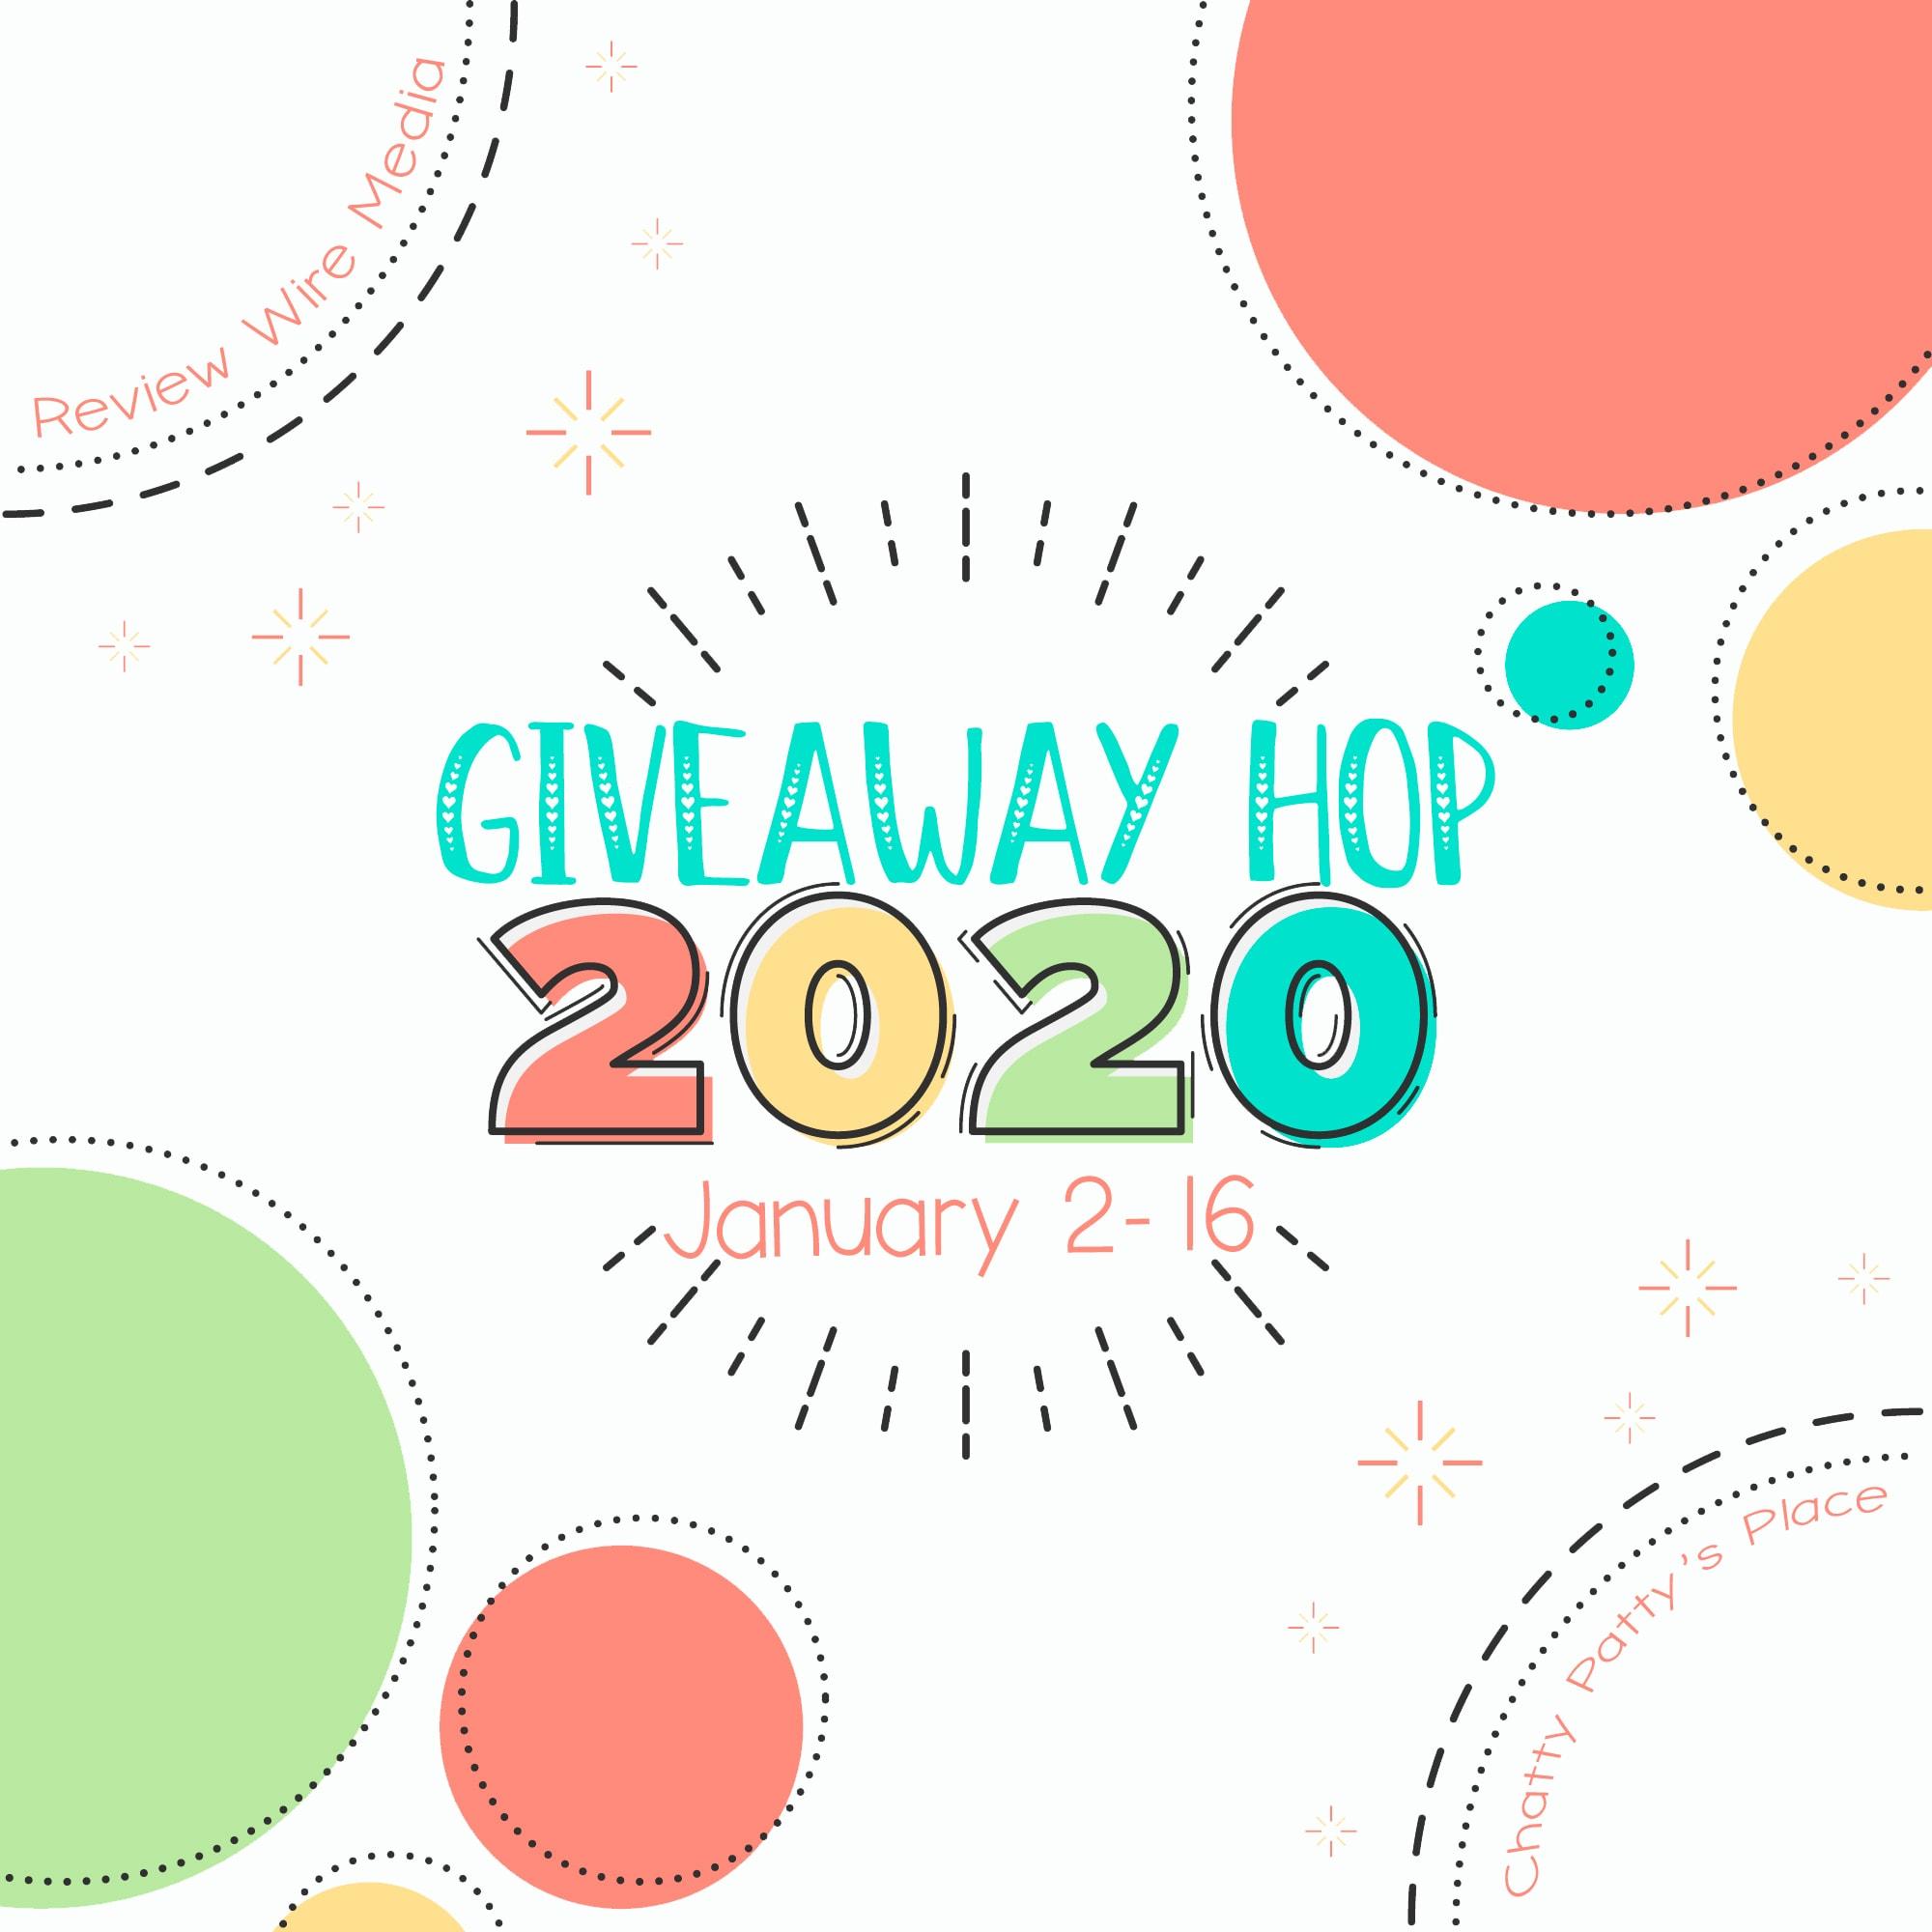 Welcome 2020 Giveaway Hop